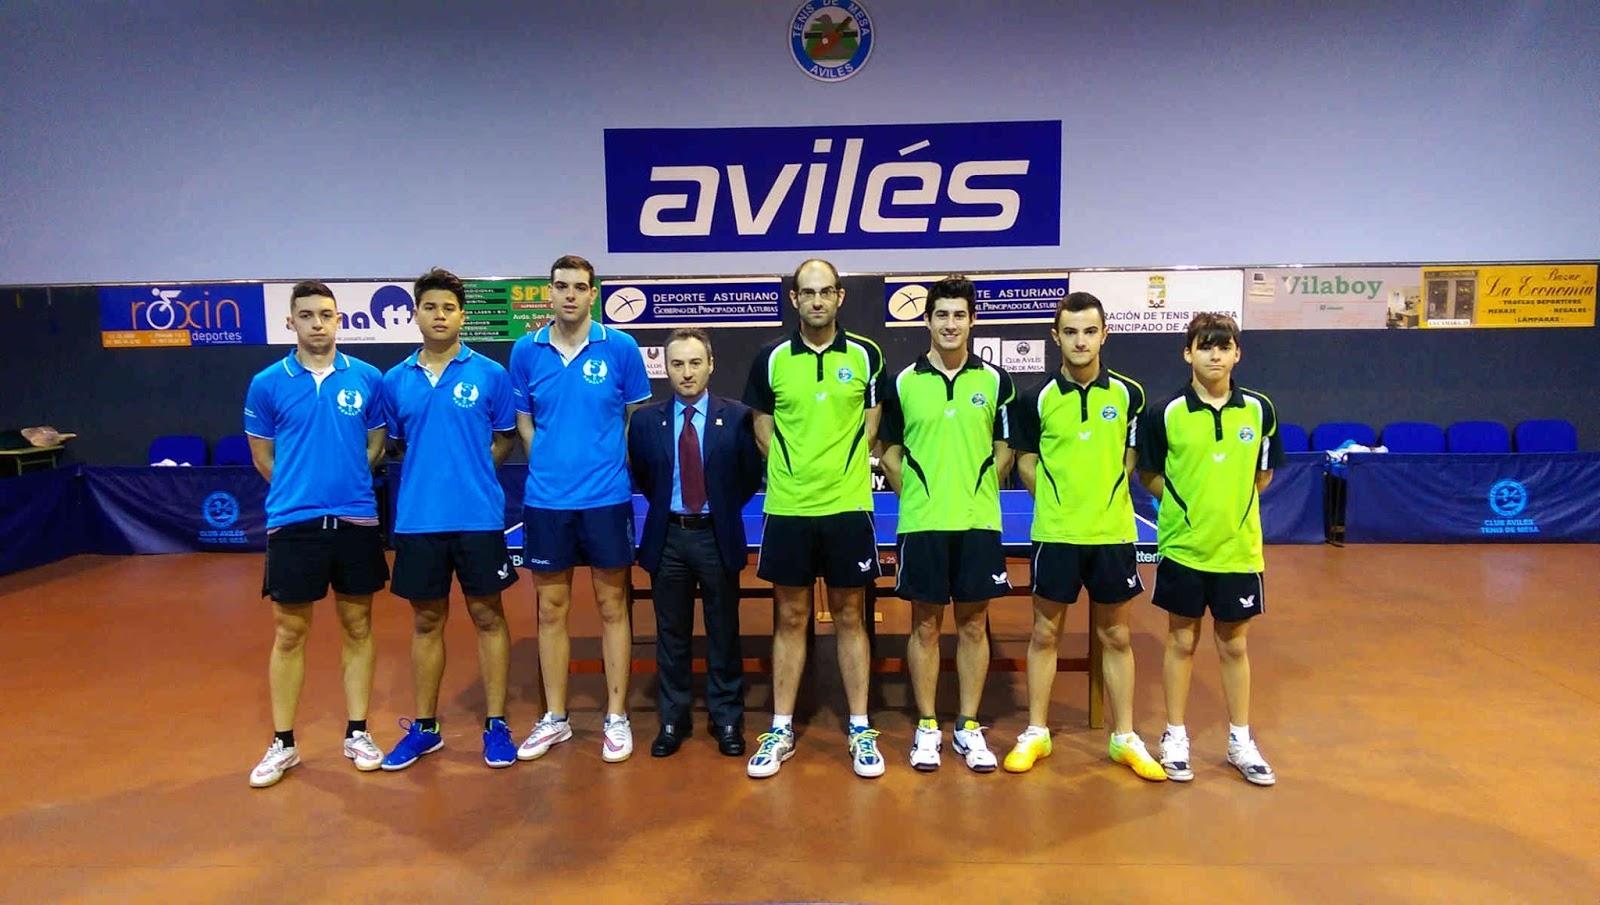 Federaci n de tenis de mesa del principado de asturias resultados ligas nacionales - Aviles tenis de mesa ...